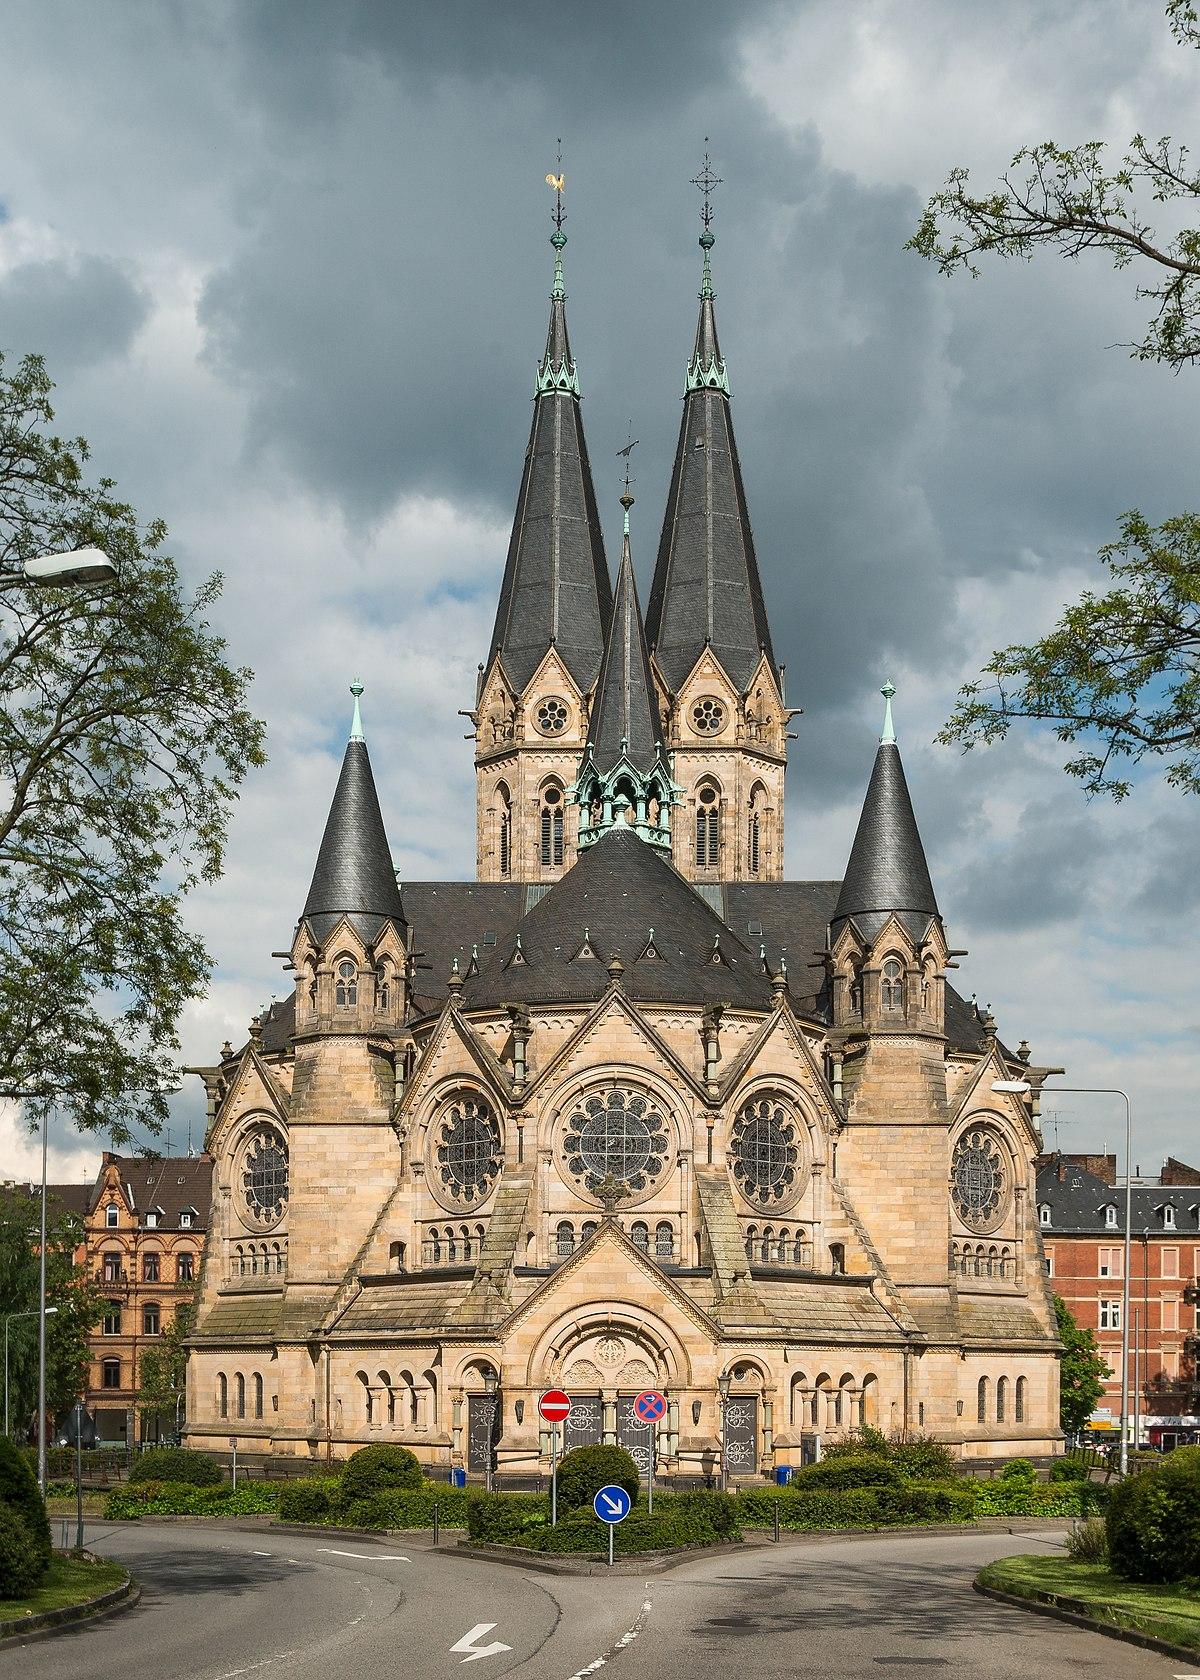 Wiesbaden Rheingauviertel Wikipedia